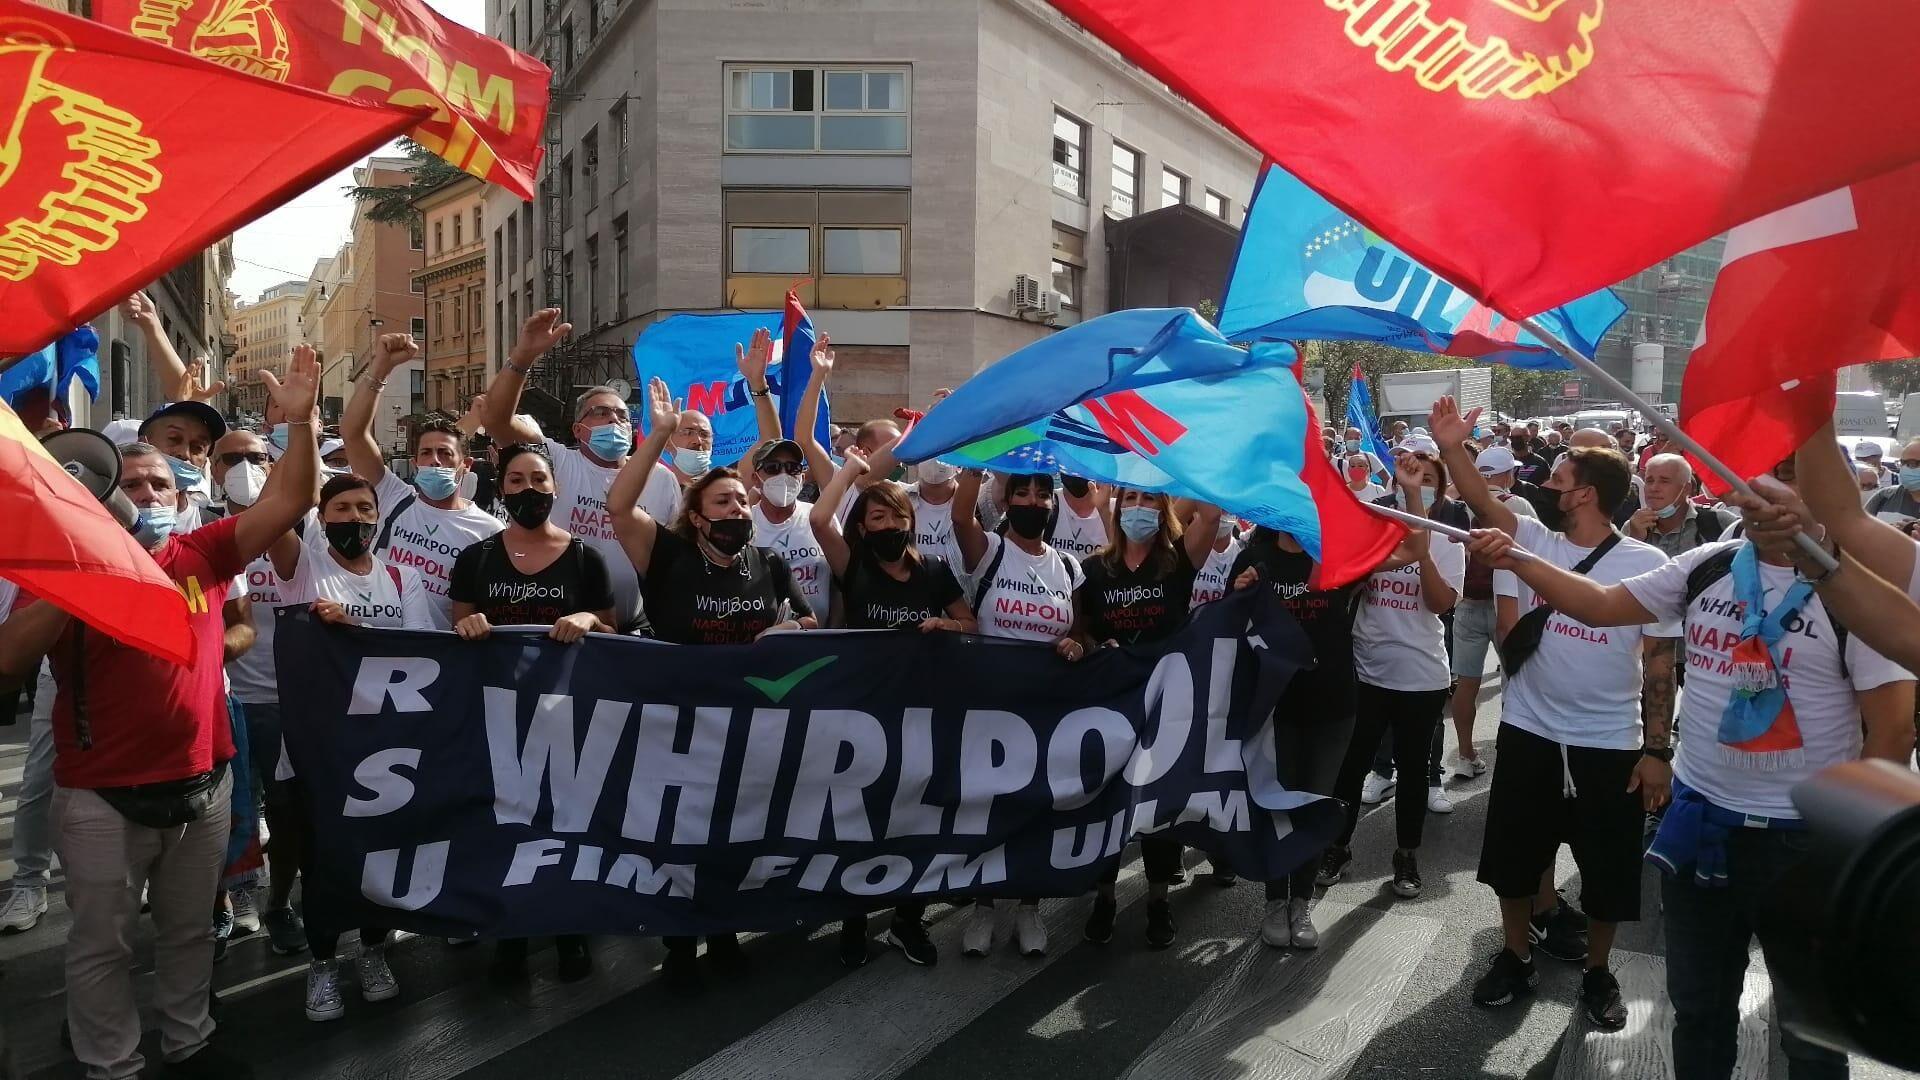 Lavoratori Whirlpool in protesta a Roma, giovedì 16 settembre 2021 - Sputnik Italia, 1920, 16.09.2021